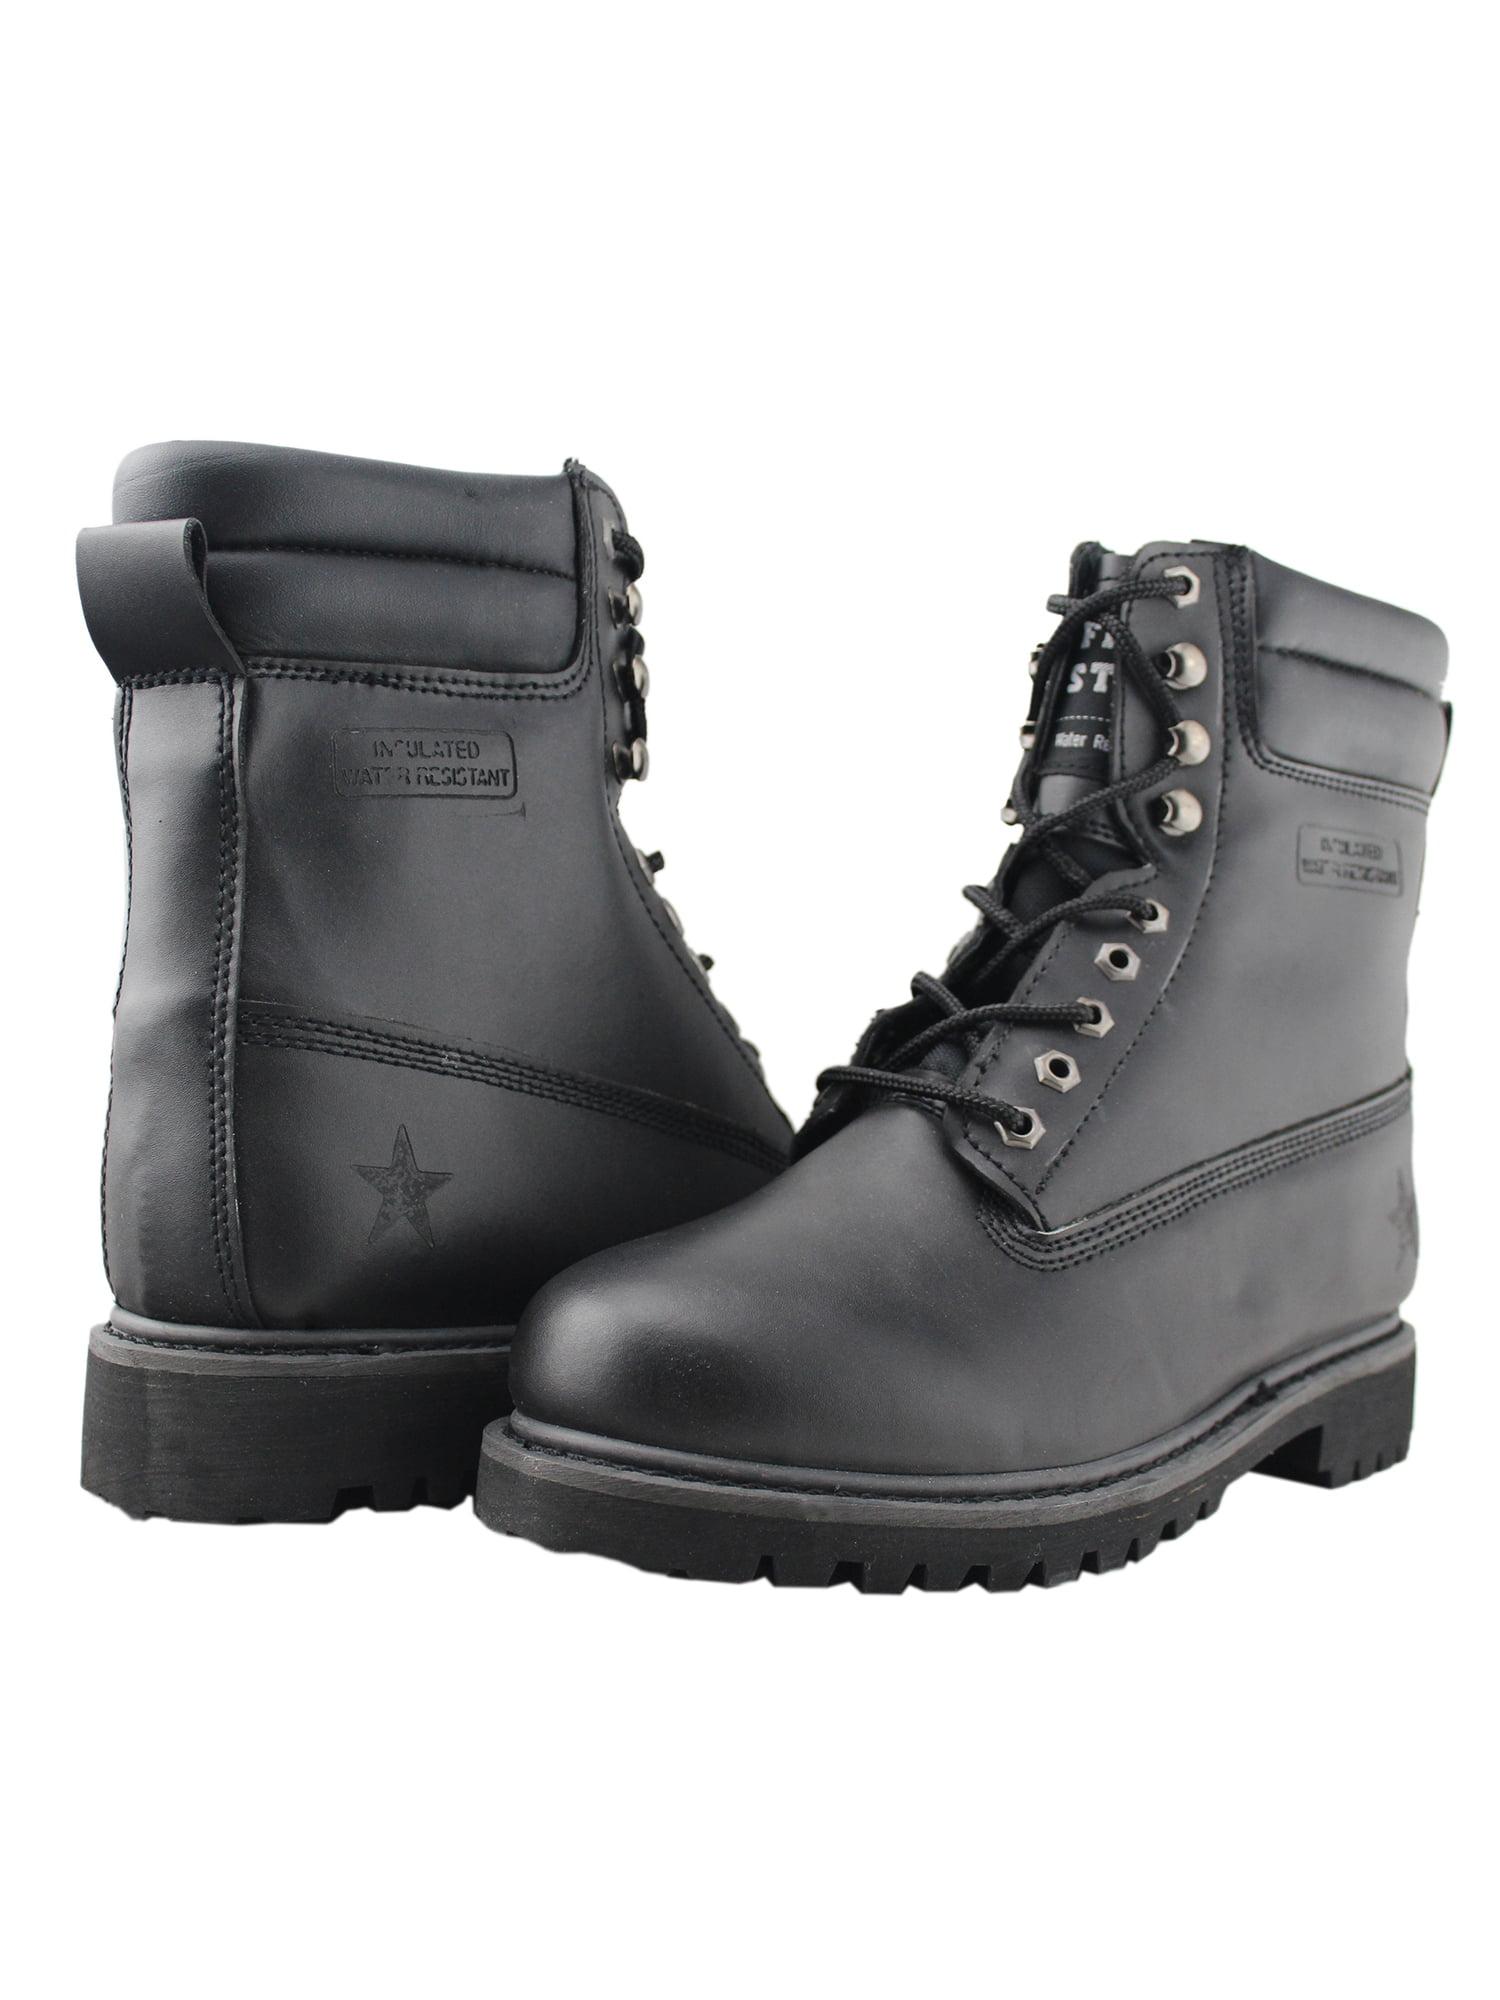 Work Boots for Men Steel-Toe Non-Slip